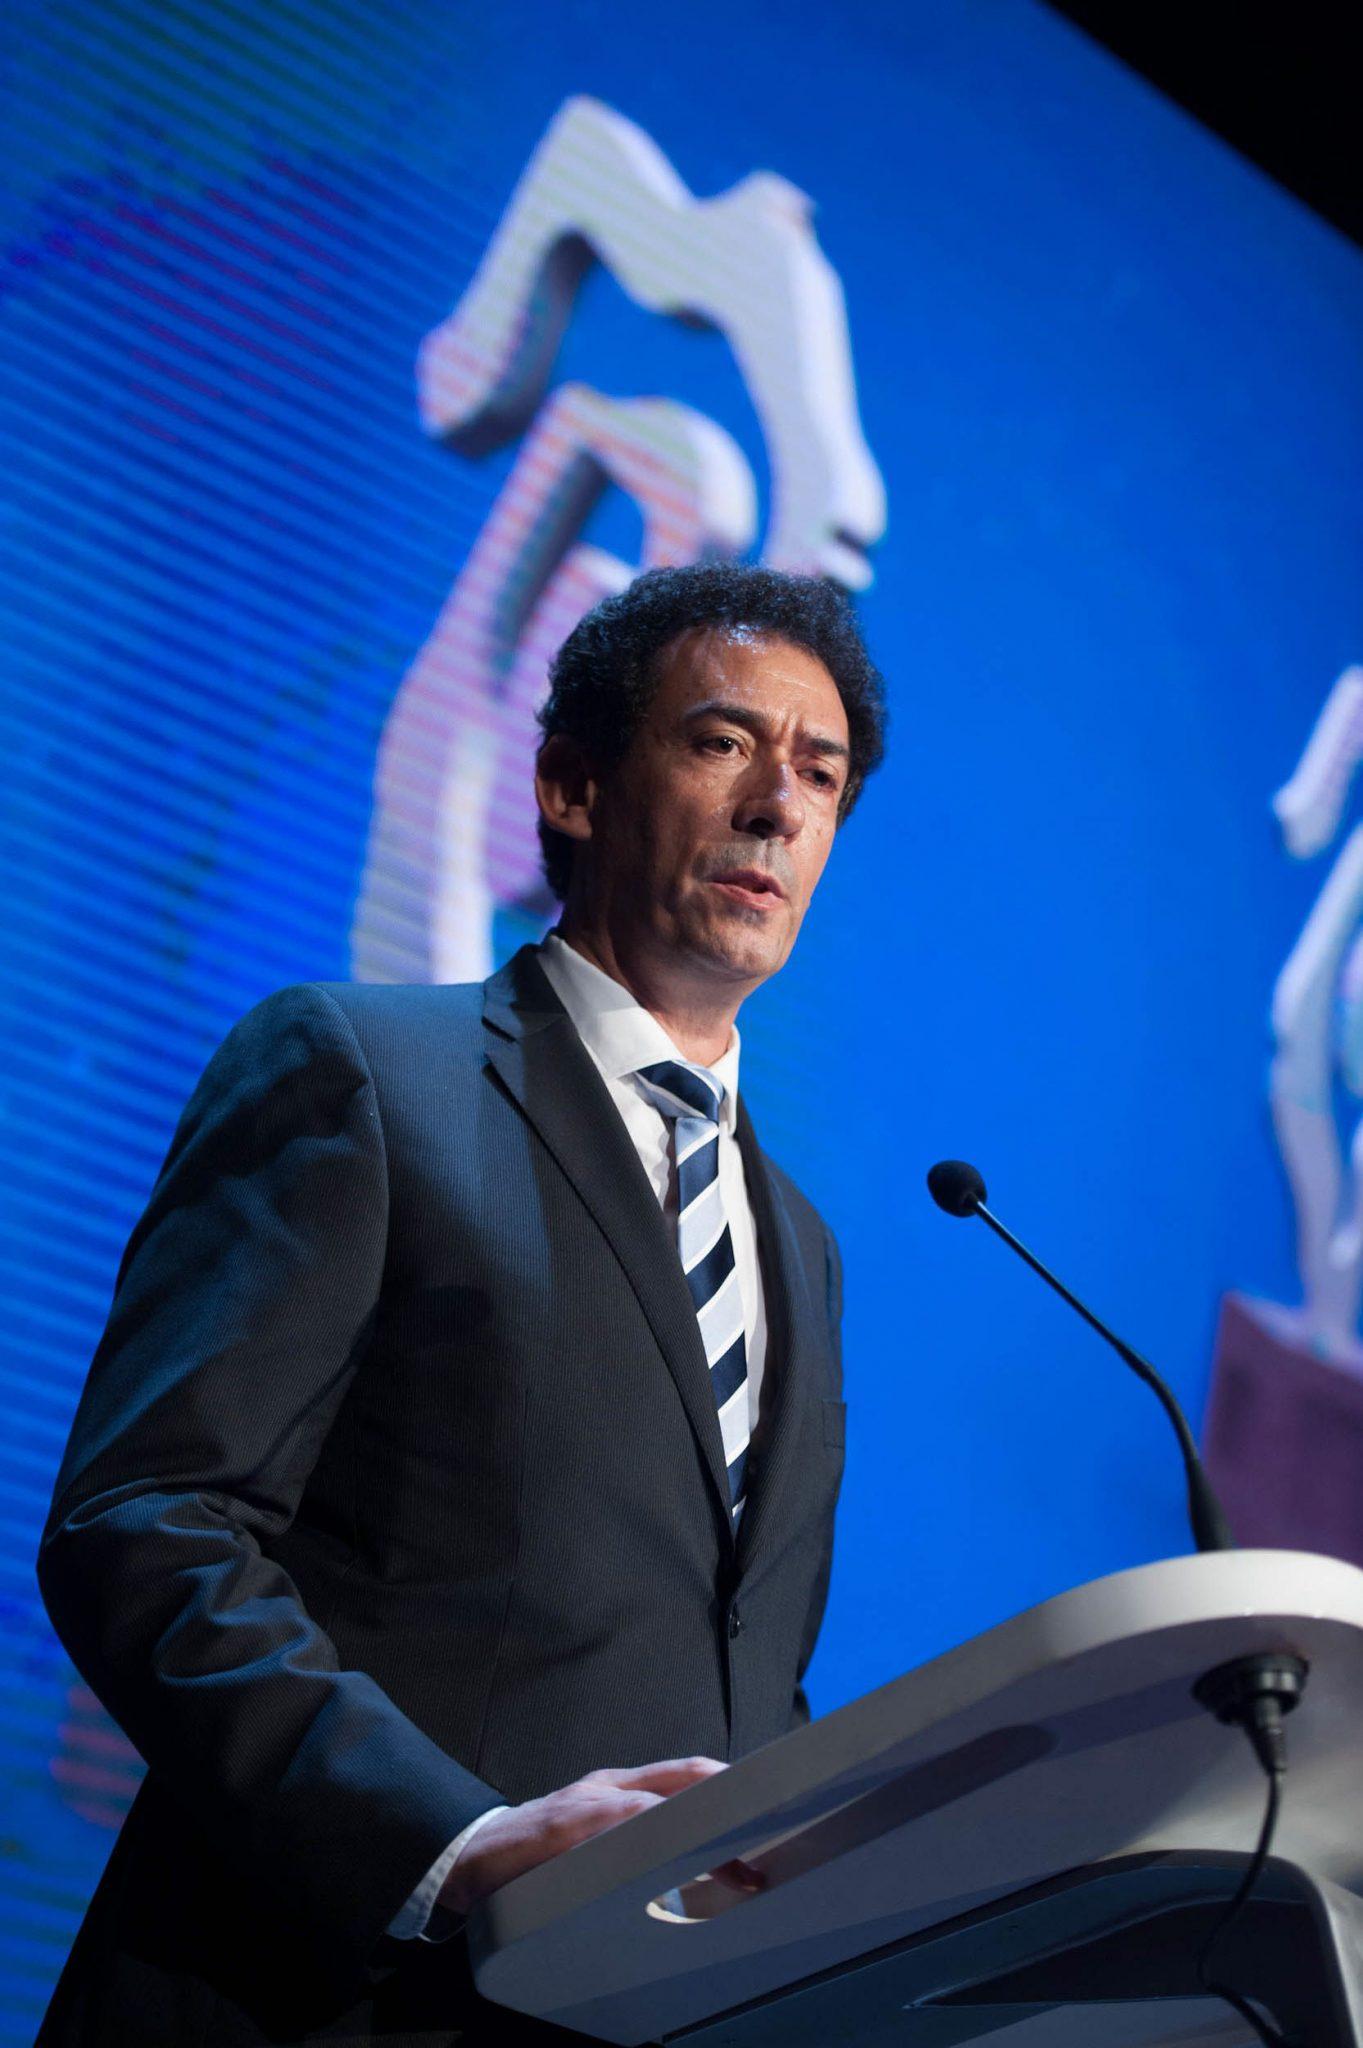 Lucas Fernández, editor de DIARIO DE AVISOS, durante su intervención en la entrega de los Premios Taburiente. Fran Pallero